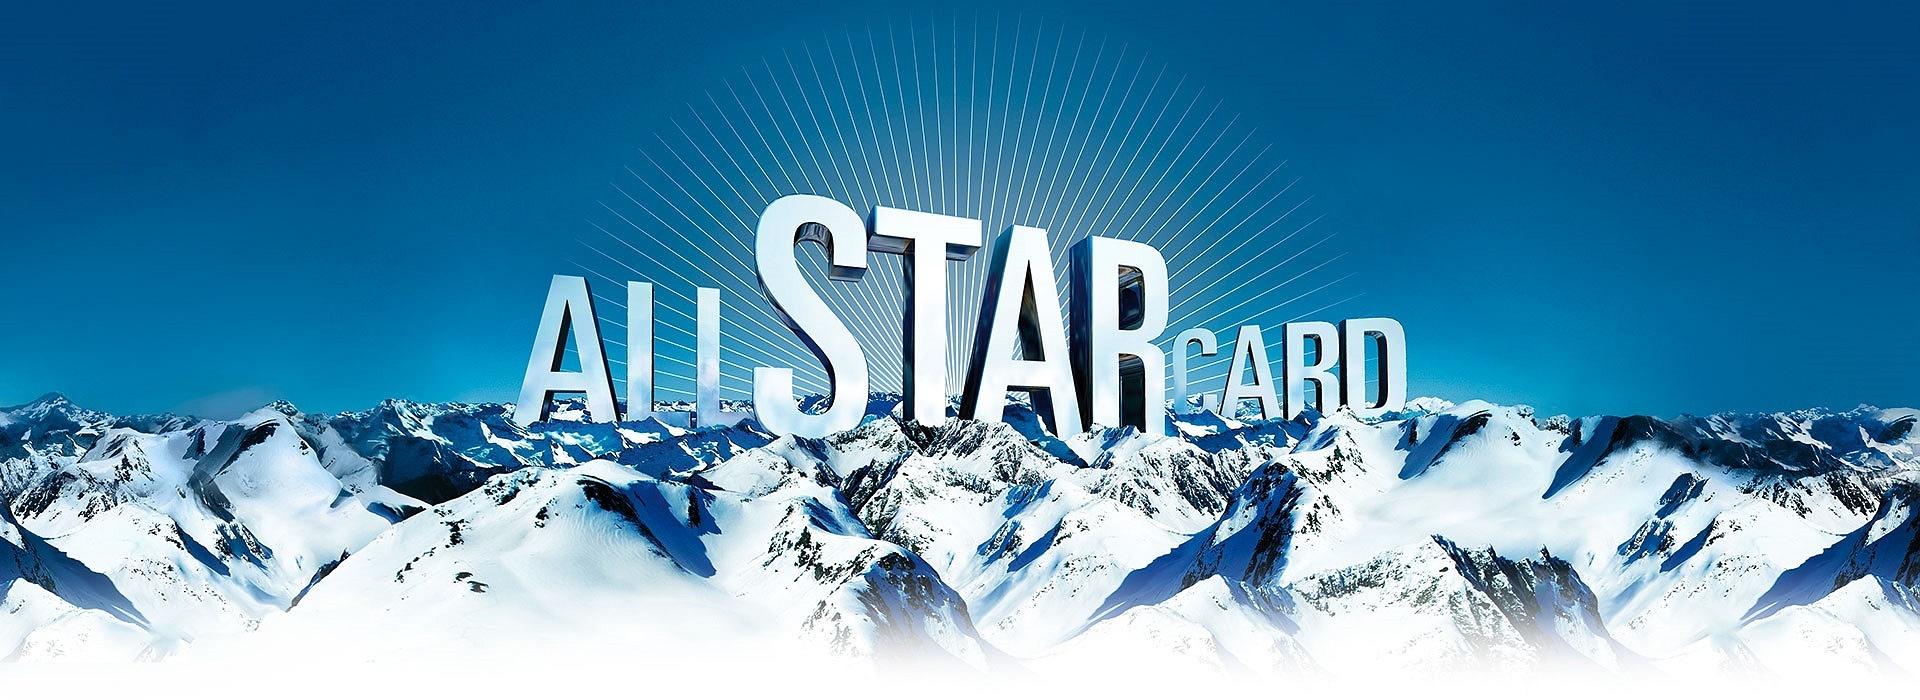 allstarcard-key-visual-kitzbueheleralpen-1920x700px